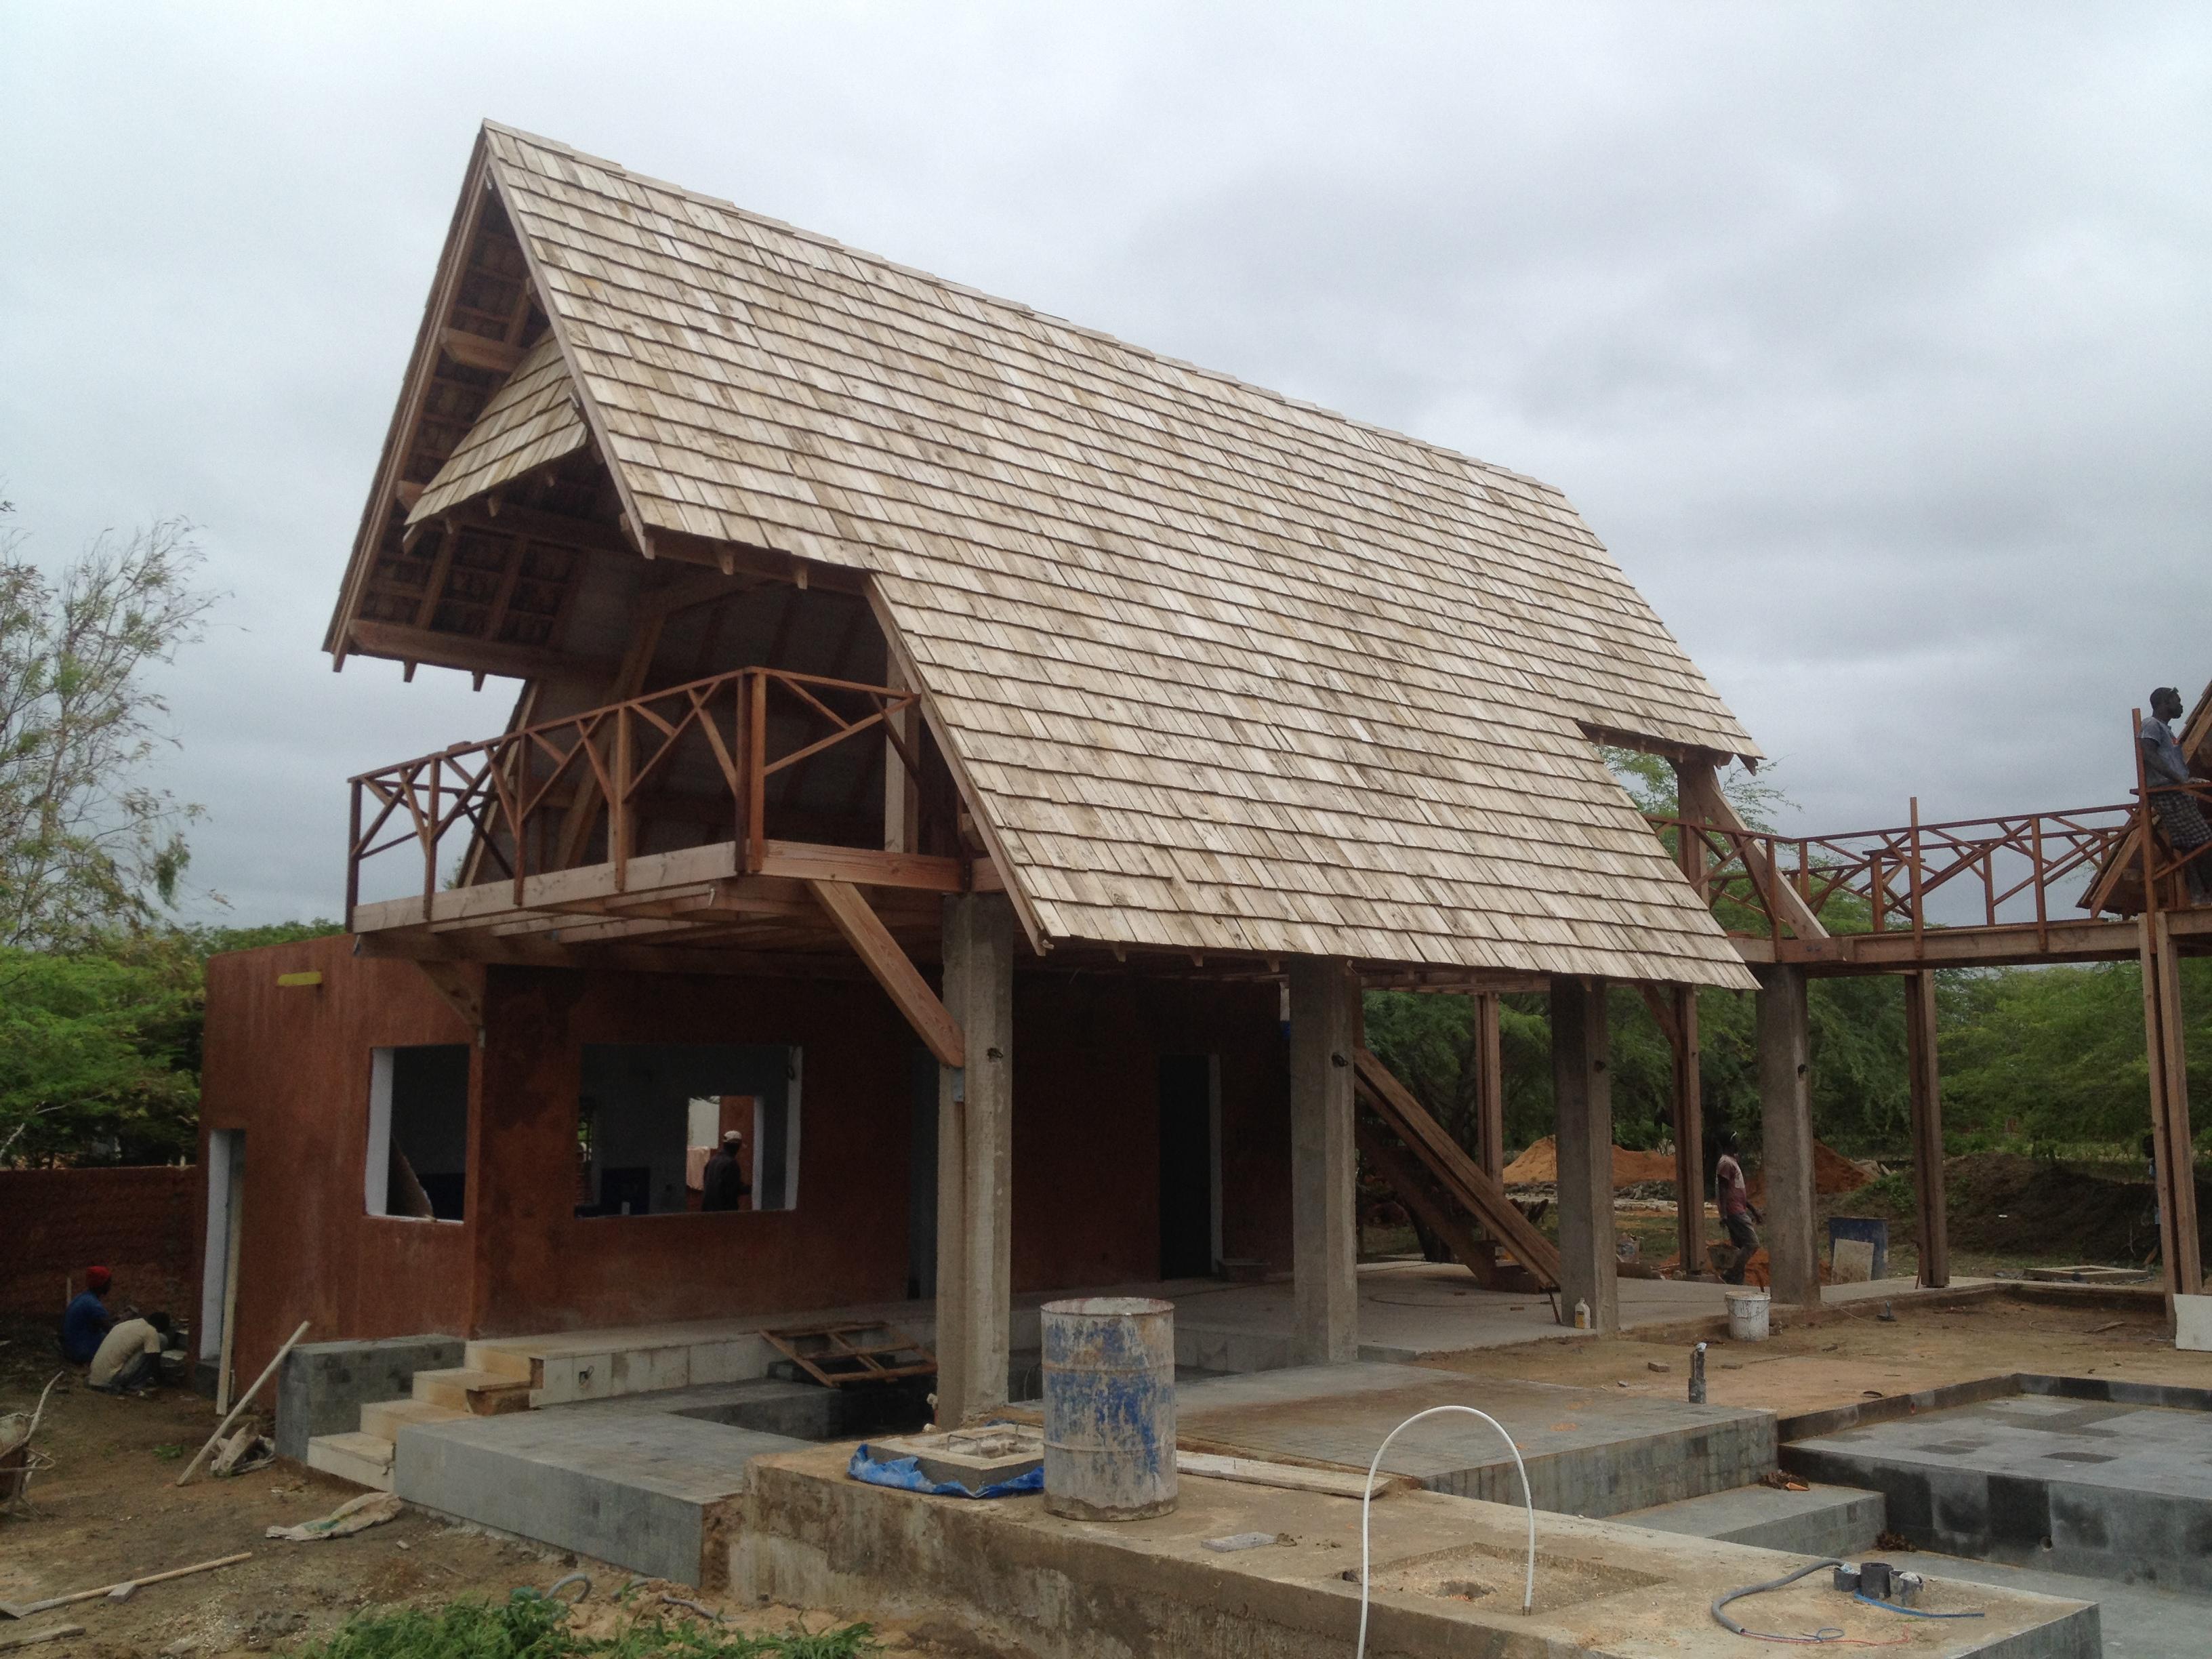 Cout construction maison dakar maison moderne for Cout charpente maison